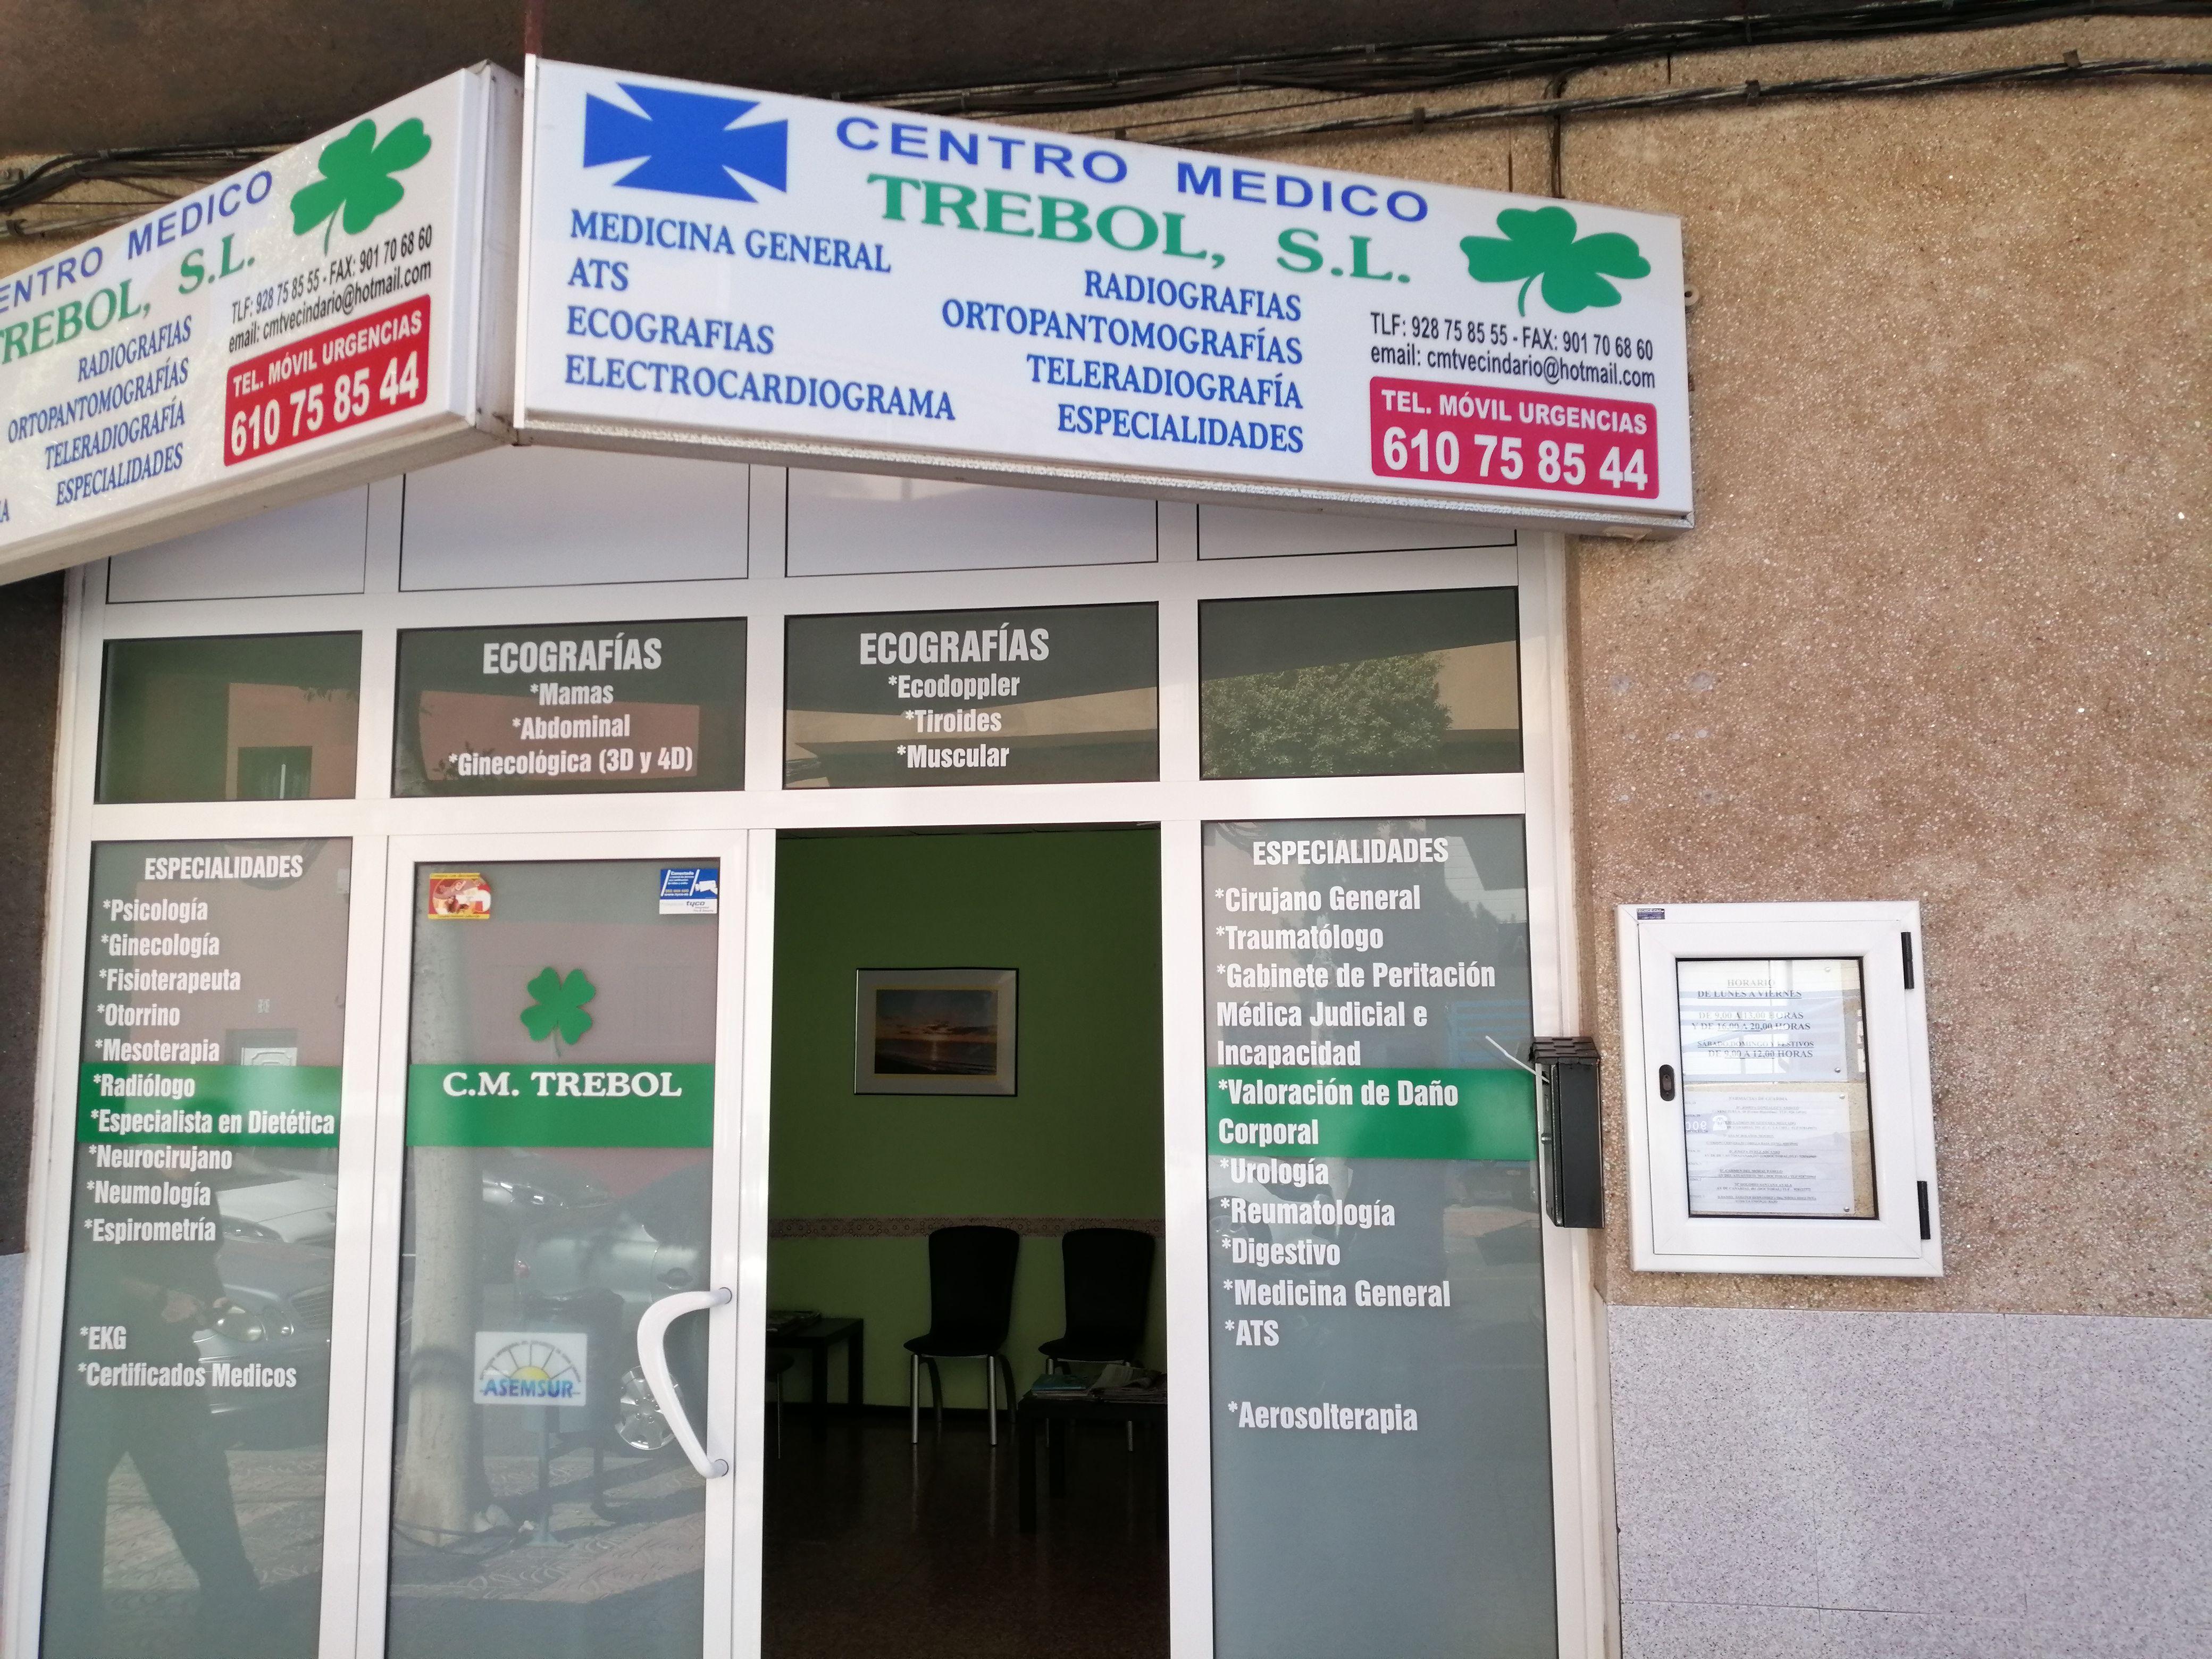 Foto 16 de Centros médicos en Santa Lucía de Tirajana | Centro Médico Trébol